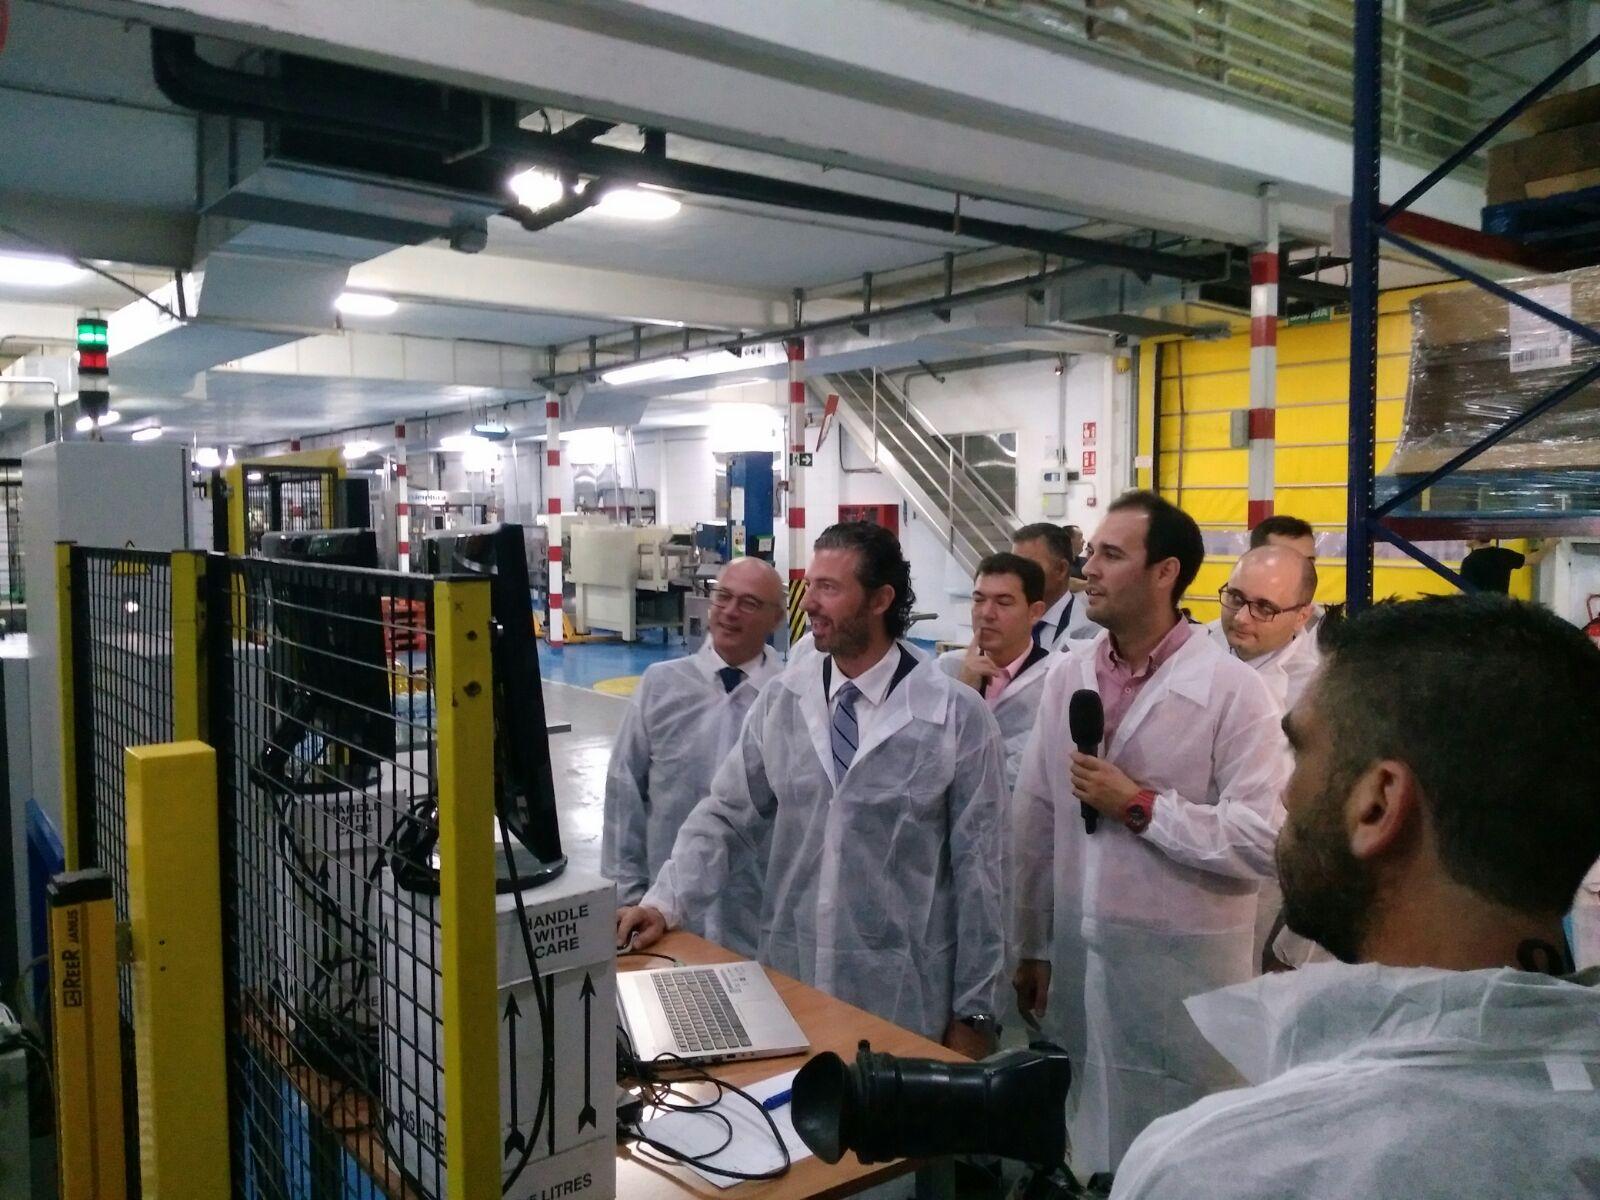 Inemur muestra el revolucionario sistema Wepall para programar cualquier tipo de robot